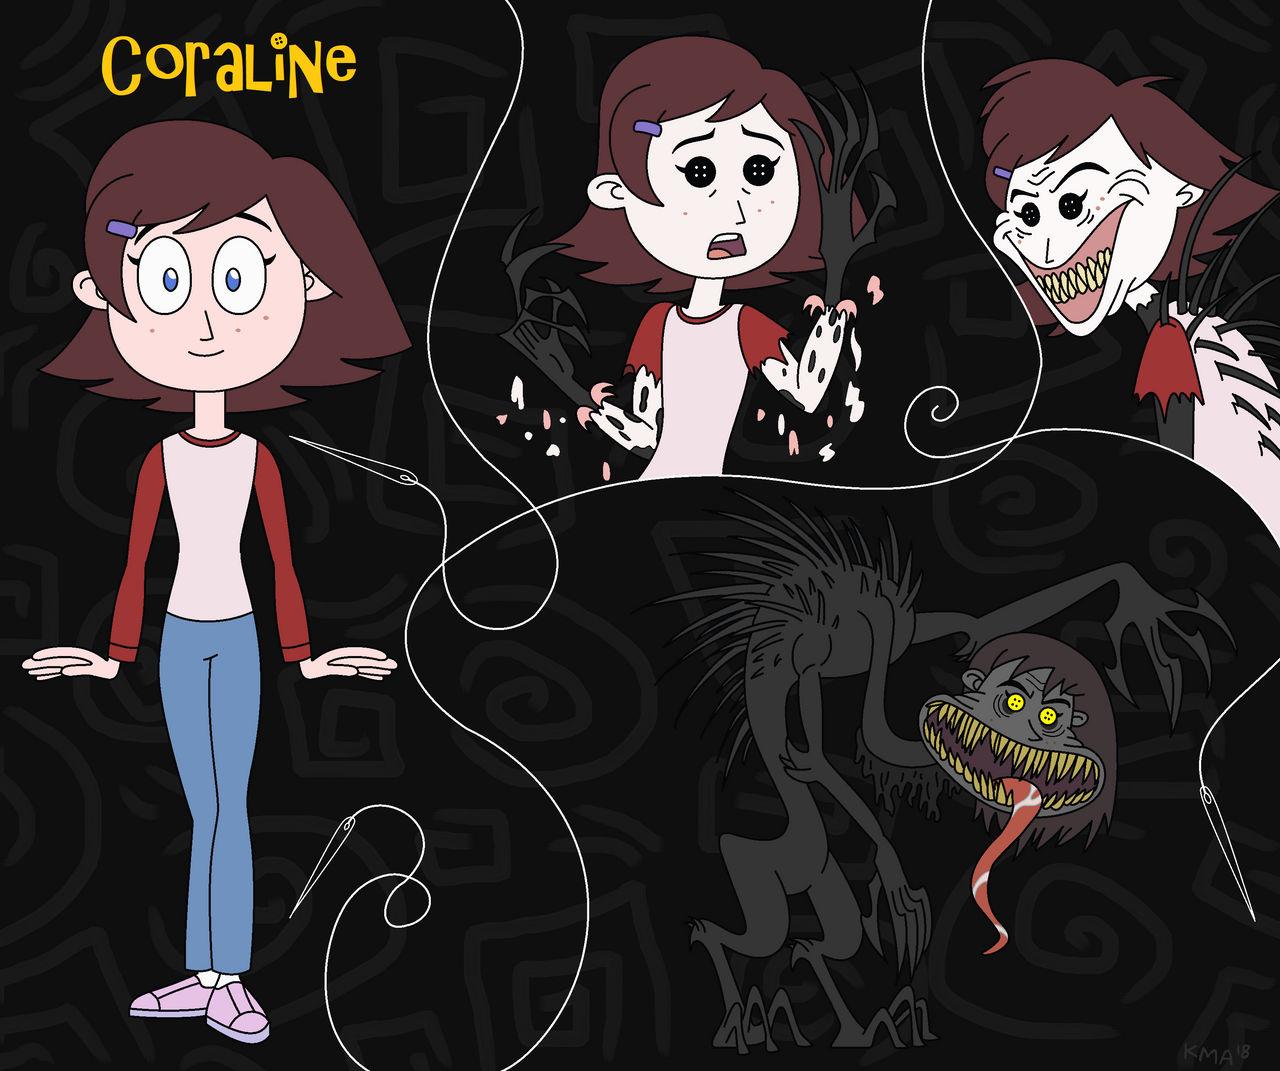 Coraline The New Beldam By Nerdsman567 On Deviantart